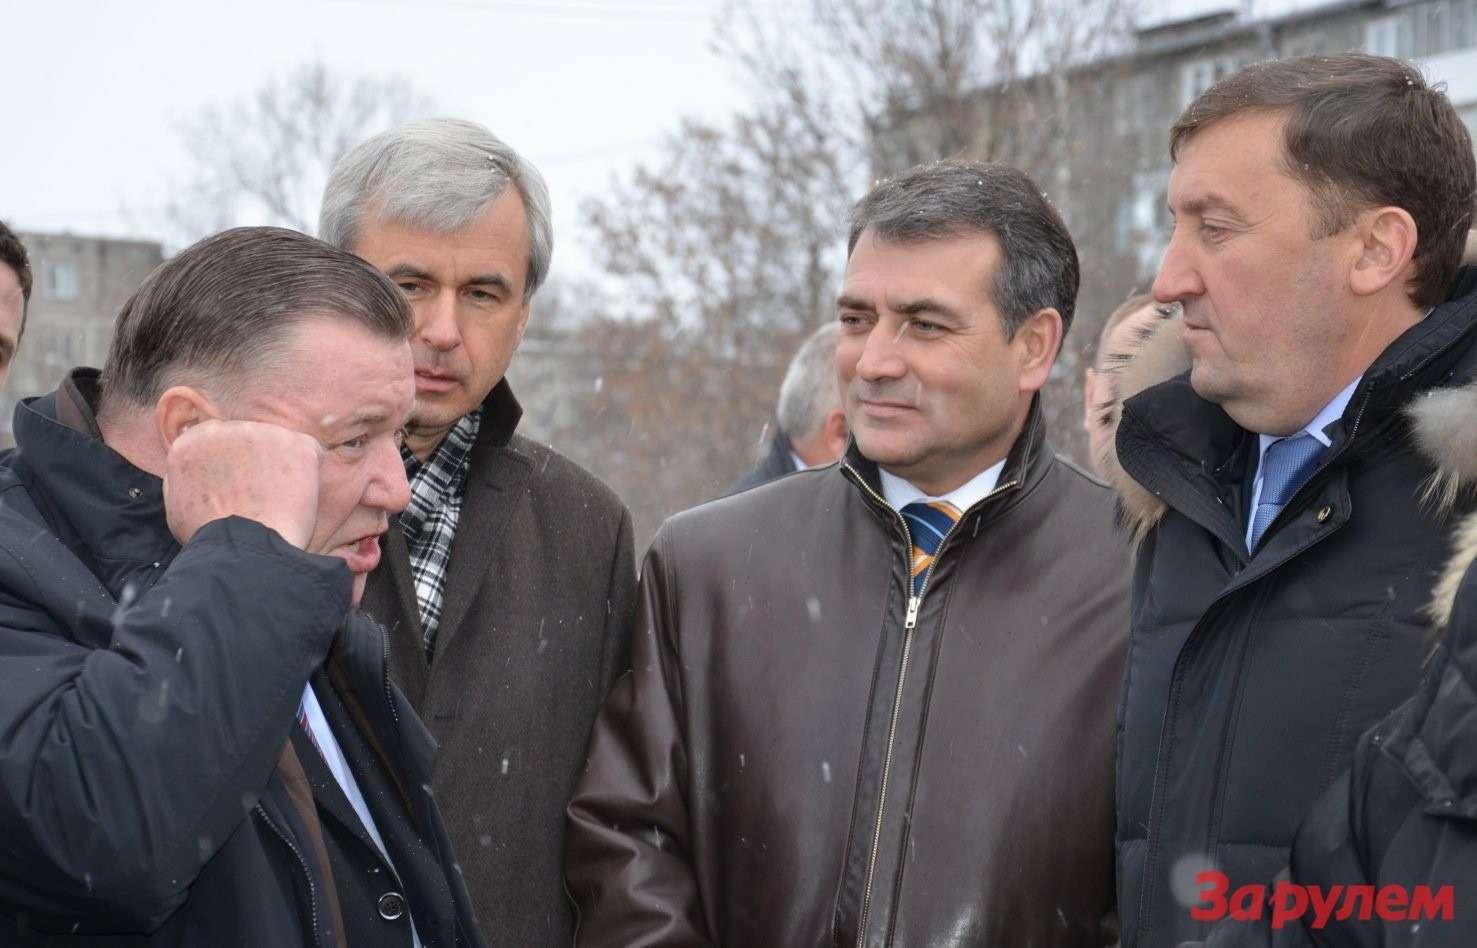 Дорстрой: траасса Москва-Крым